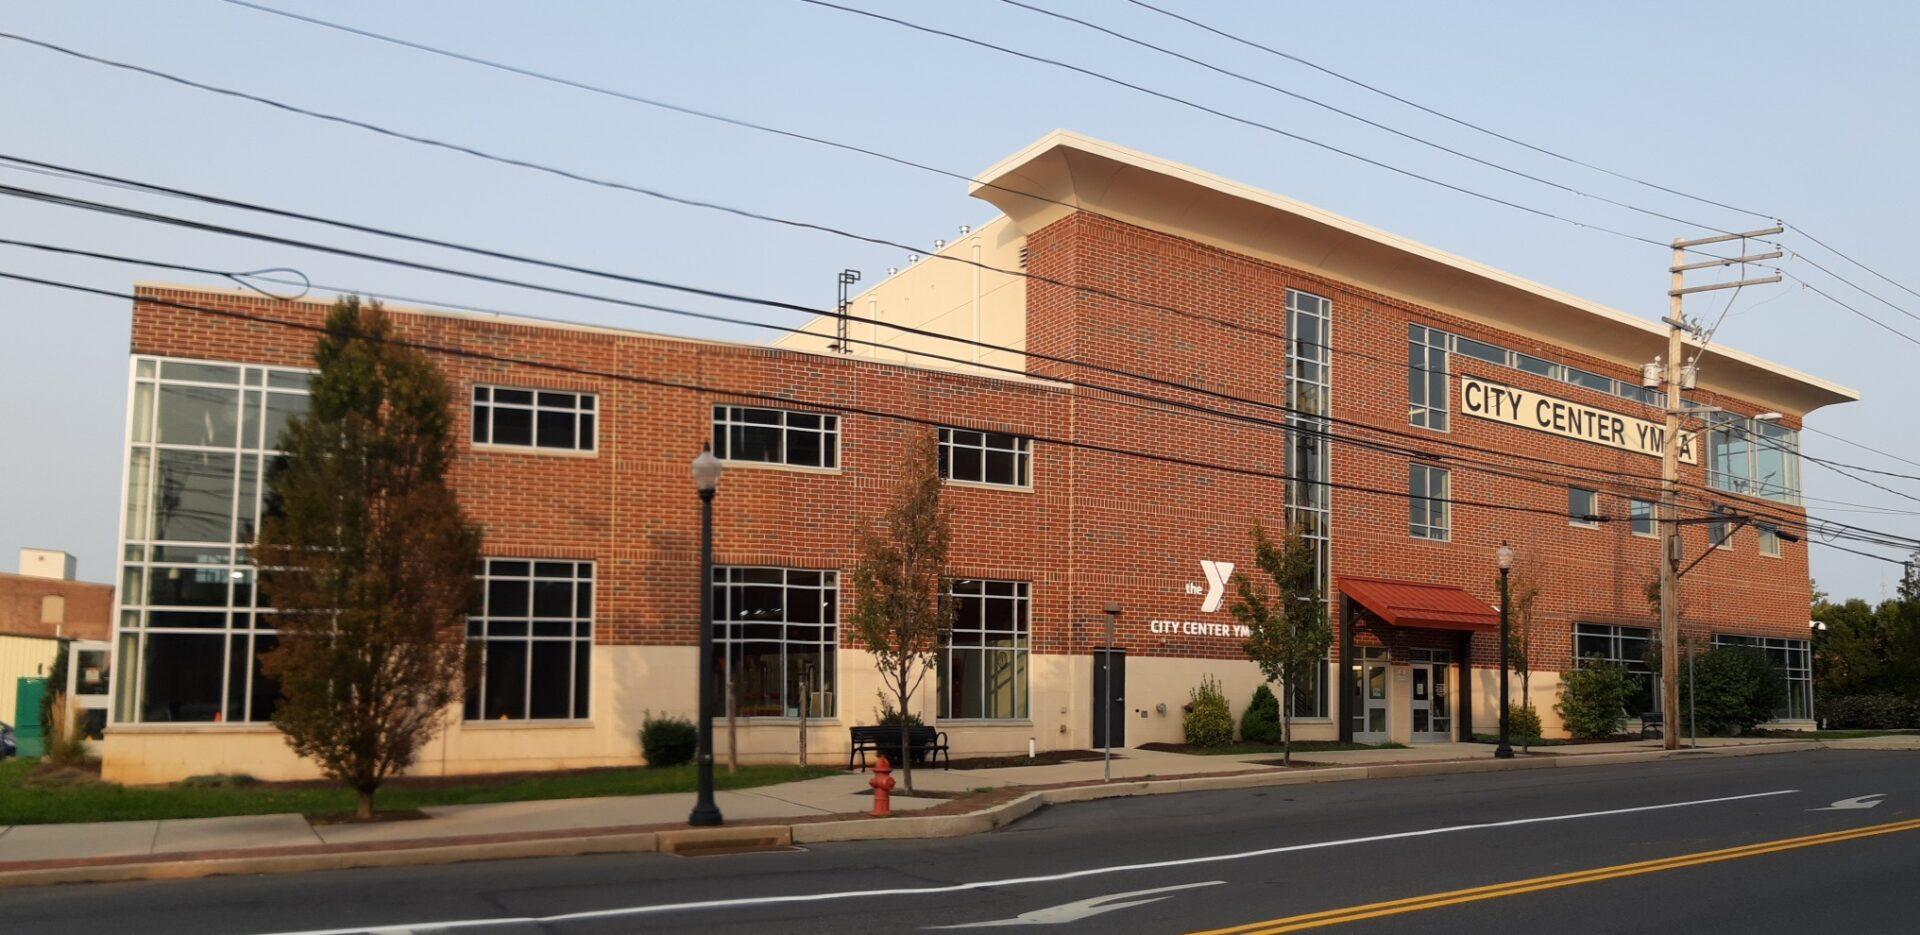 The Lancaster Family YMCA City Center, 265 Harrisburg Ave., is seen on Wednesday, Sept. 16, 2020. (Photo: Tim Stuhldreher)